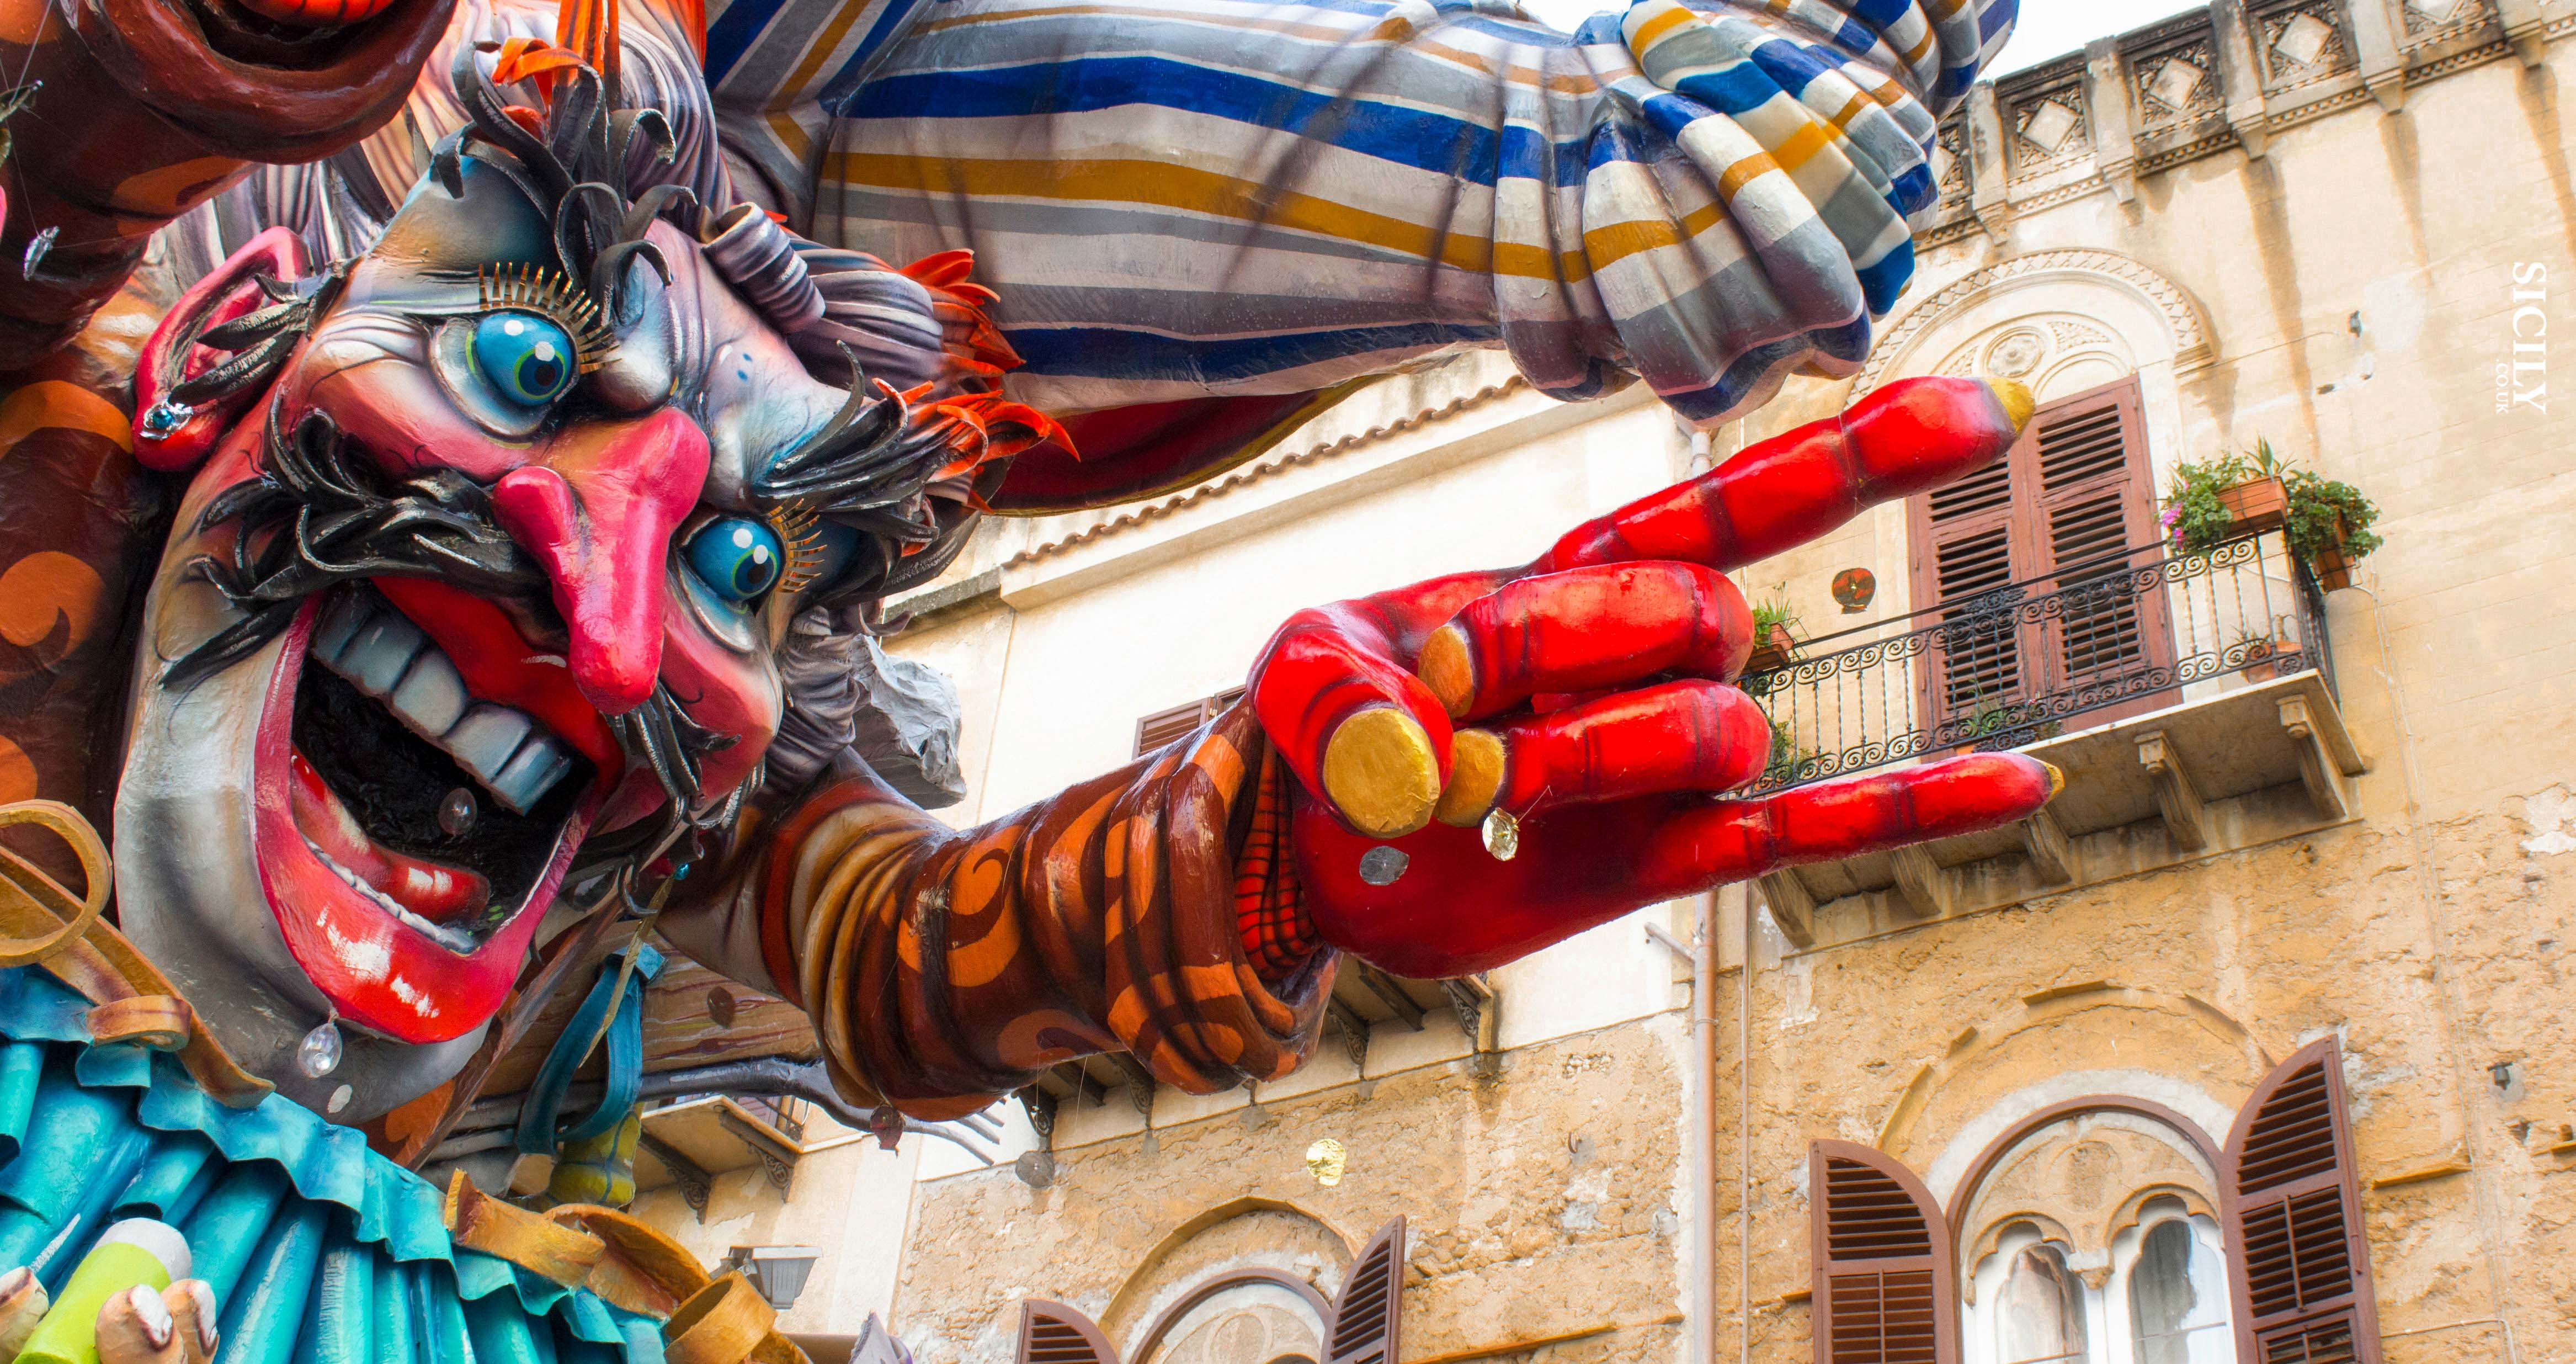 Carnevale di Sciacca (6, 9, 13, 14/02/16) The Sciacca's Carnival - Sicily